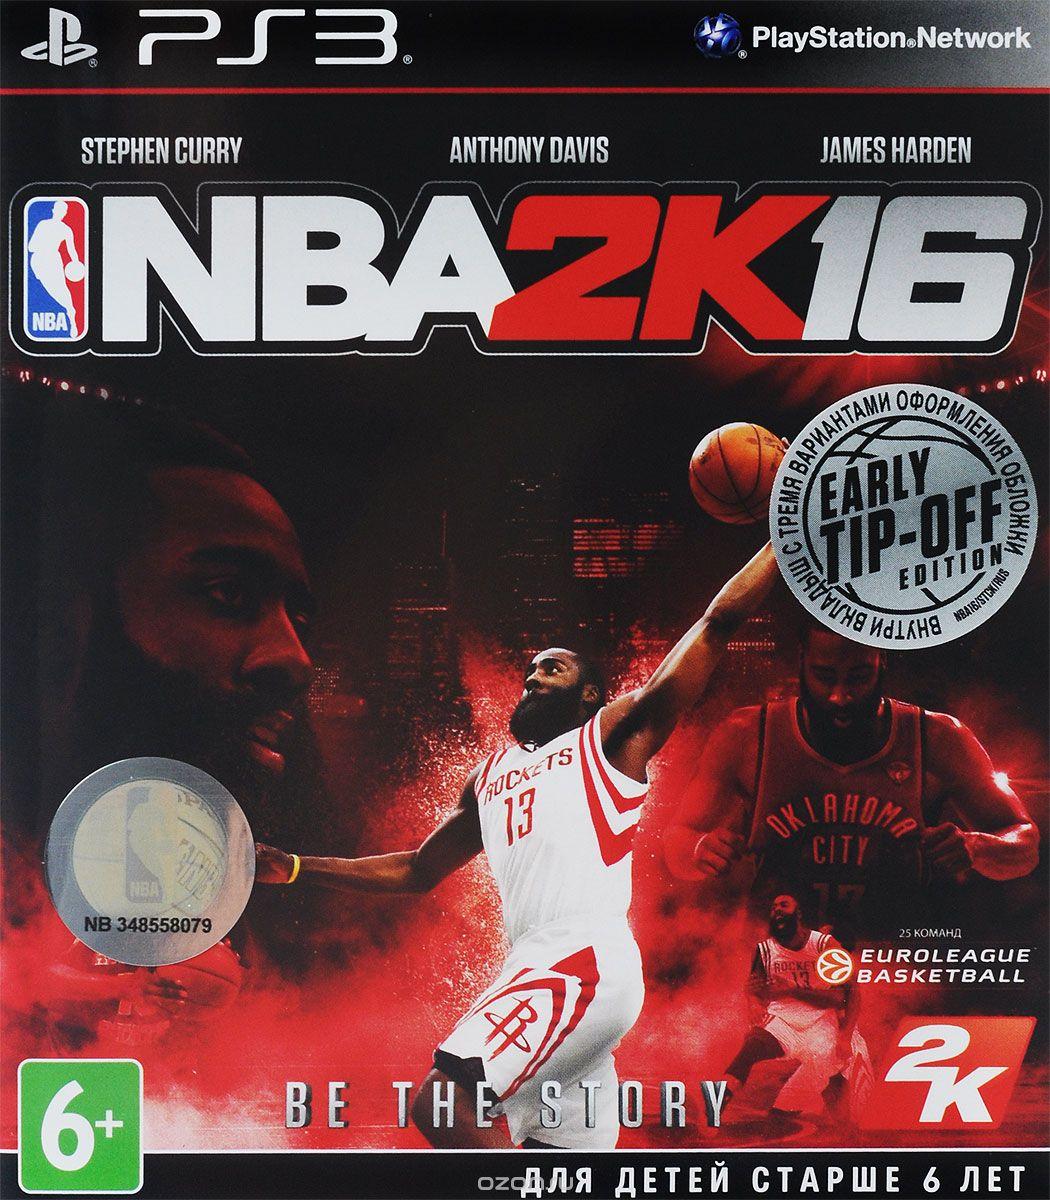 NBA 2K16Начинается новый сезон легендарной баскетбольной серии NBA 2K! Создайте собственного баскетболиста и помогите ему подняться на вершину спортивного Олимпа. Возьмите в свои руки управление всей Национальной Баскетбольной Ассоциацией или оттачивайте свое мастерство, чтобы сразиться с лучшими игроками мира по сети. Благодаря обновленной анимации движения игроков стали еще более плавными, а их эмоции - более реалистичными. Не будет преувеличением сказать, что NBA 2K16 - самый достоверный виртуальный баскетбол на сегодняшний день. Чтобы показать, насколько важны реализм и новаторский подход для серии NBA 2K, компания 2K и студия Visual Concepts обратились к легендарному кинорежиссеру и талантливому рассказчику Спайку Ли. Он написал сценарий и стал продюсером режима MyCAREER для NBA 2K16, который раскроет во всех подробностях жизнь баскетболиста НБА на площадке и за ее пределами - впервые в спортивной игре. Ключевые особенности: Соберите...